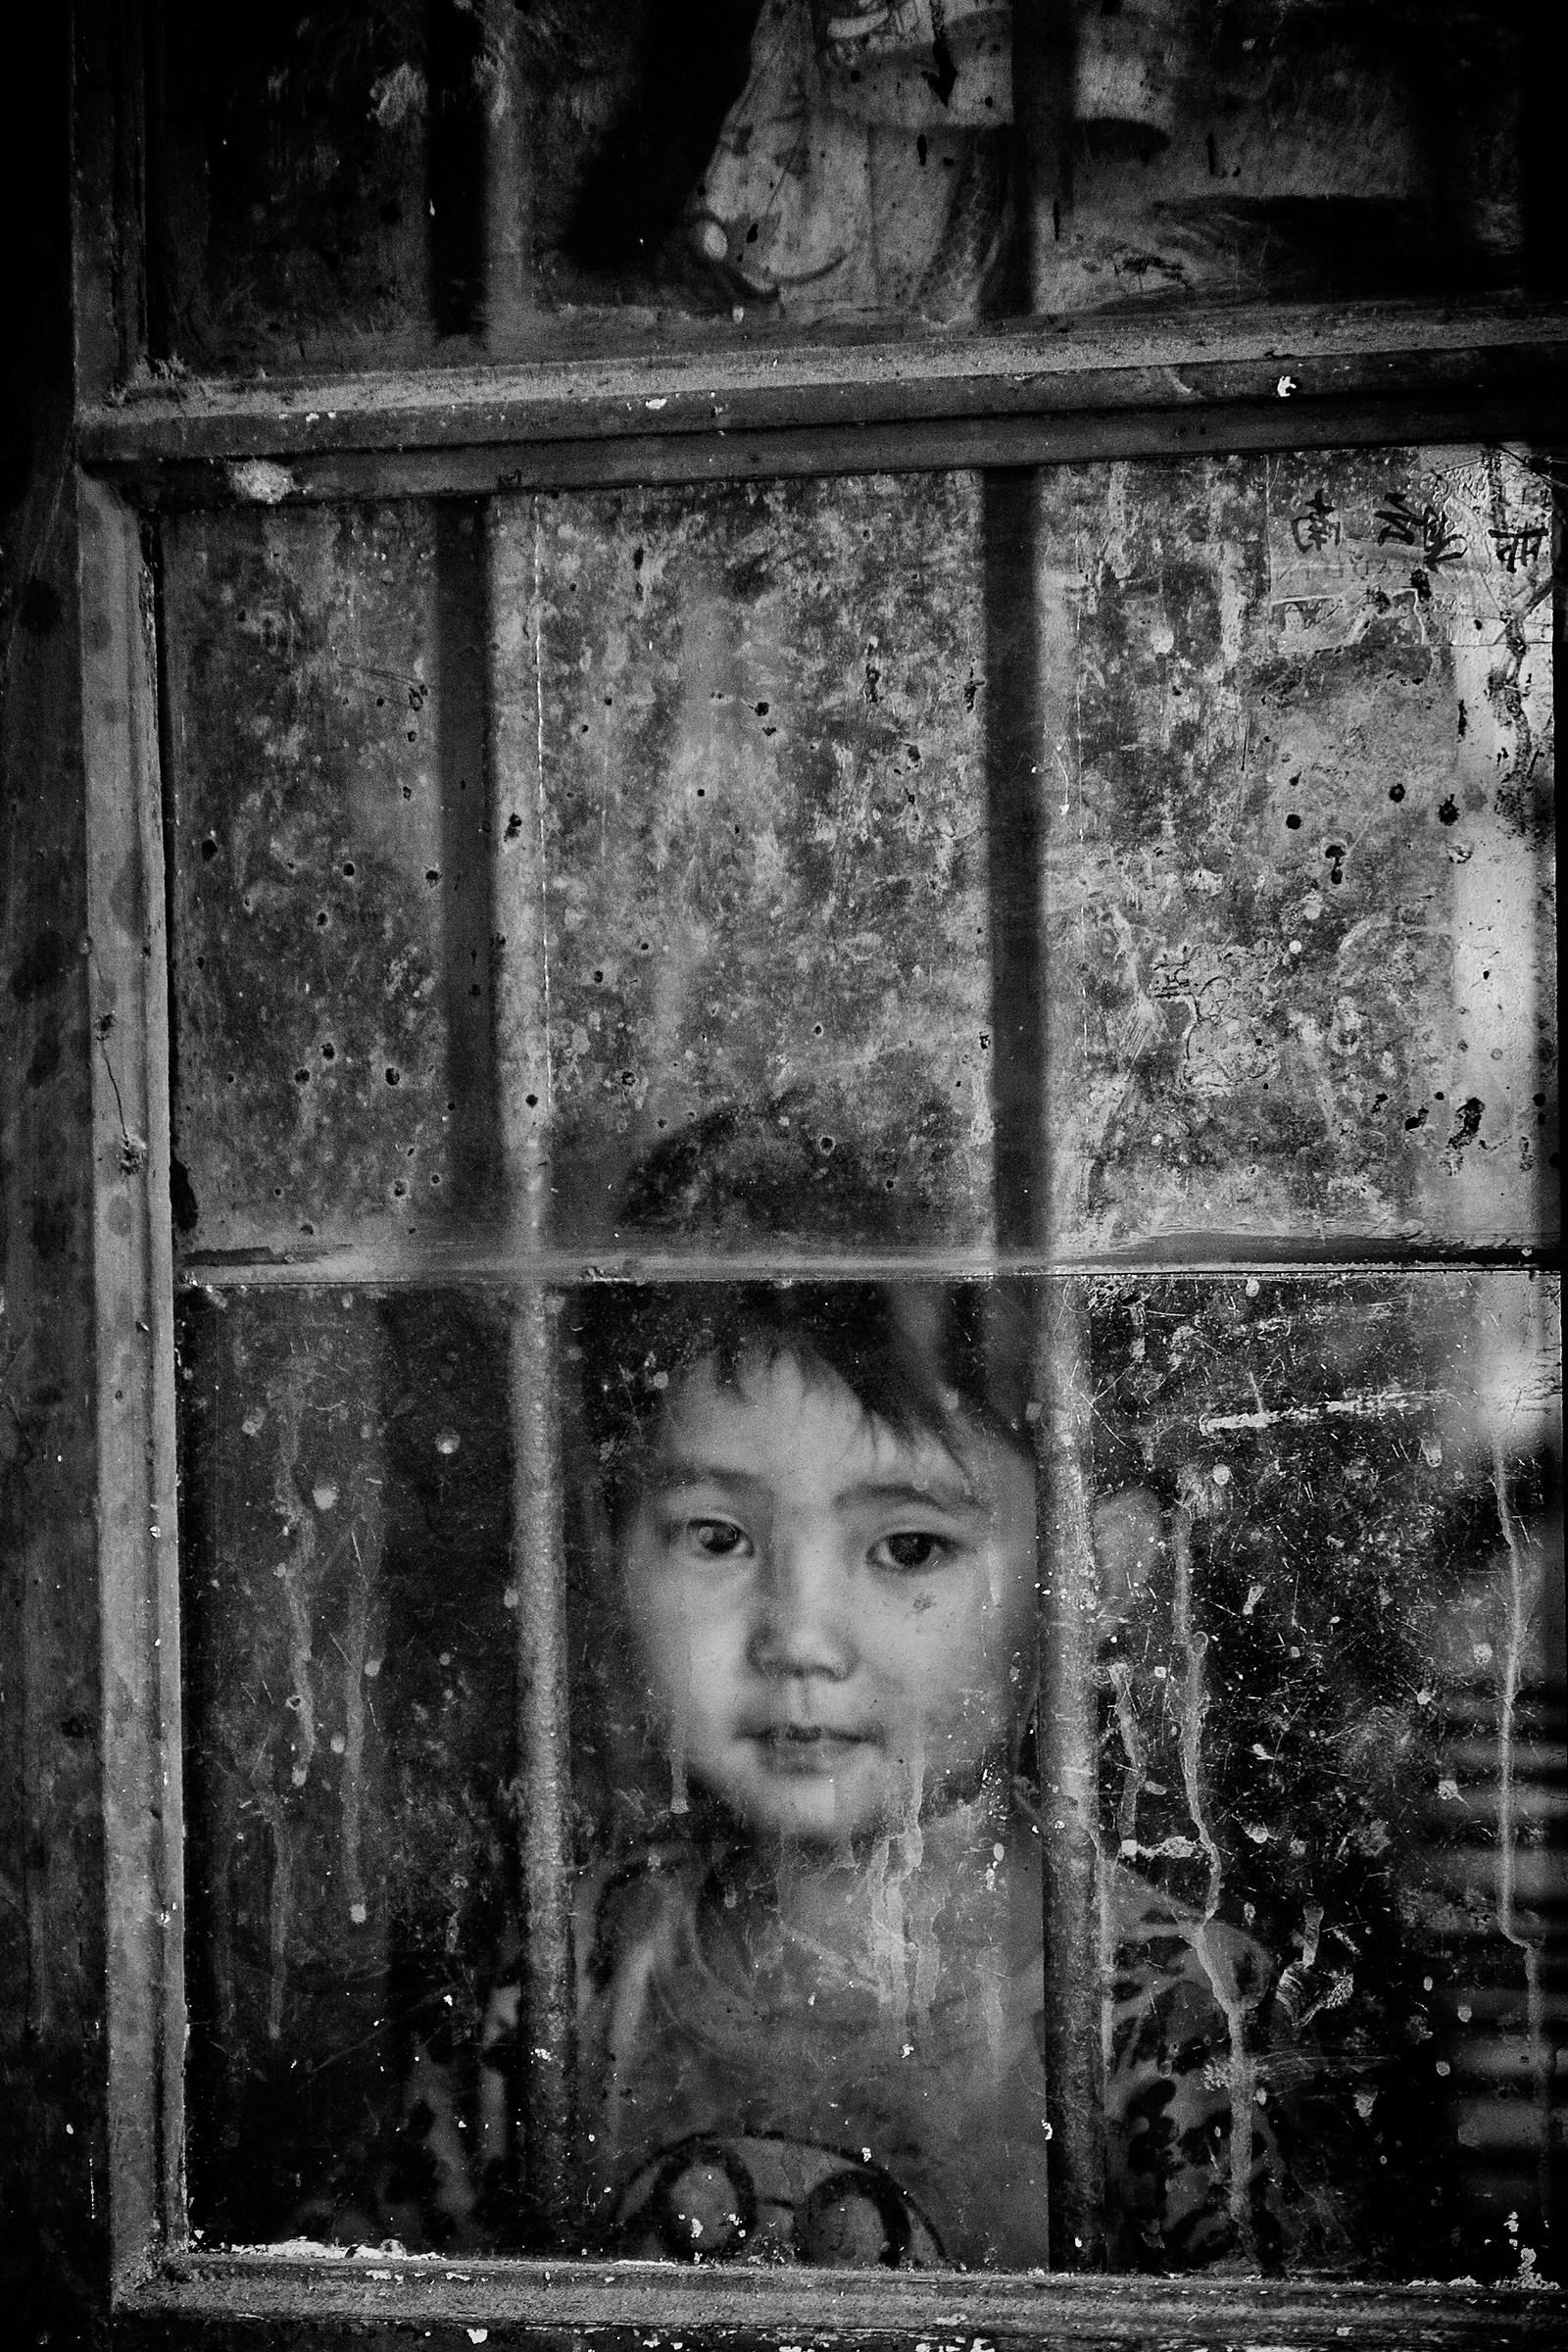 Dietro la finestra...